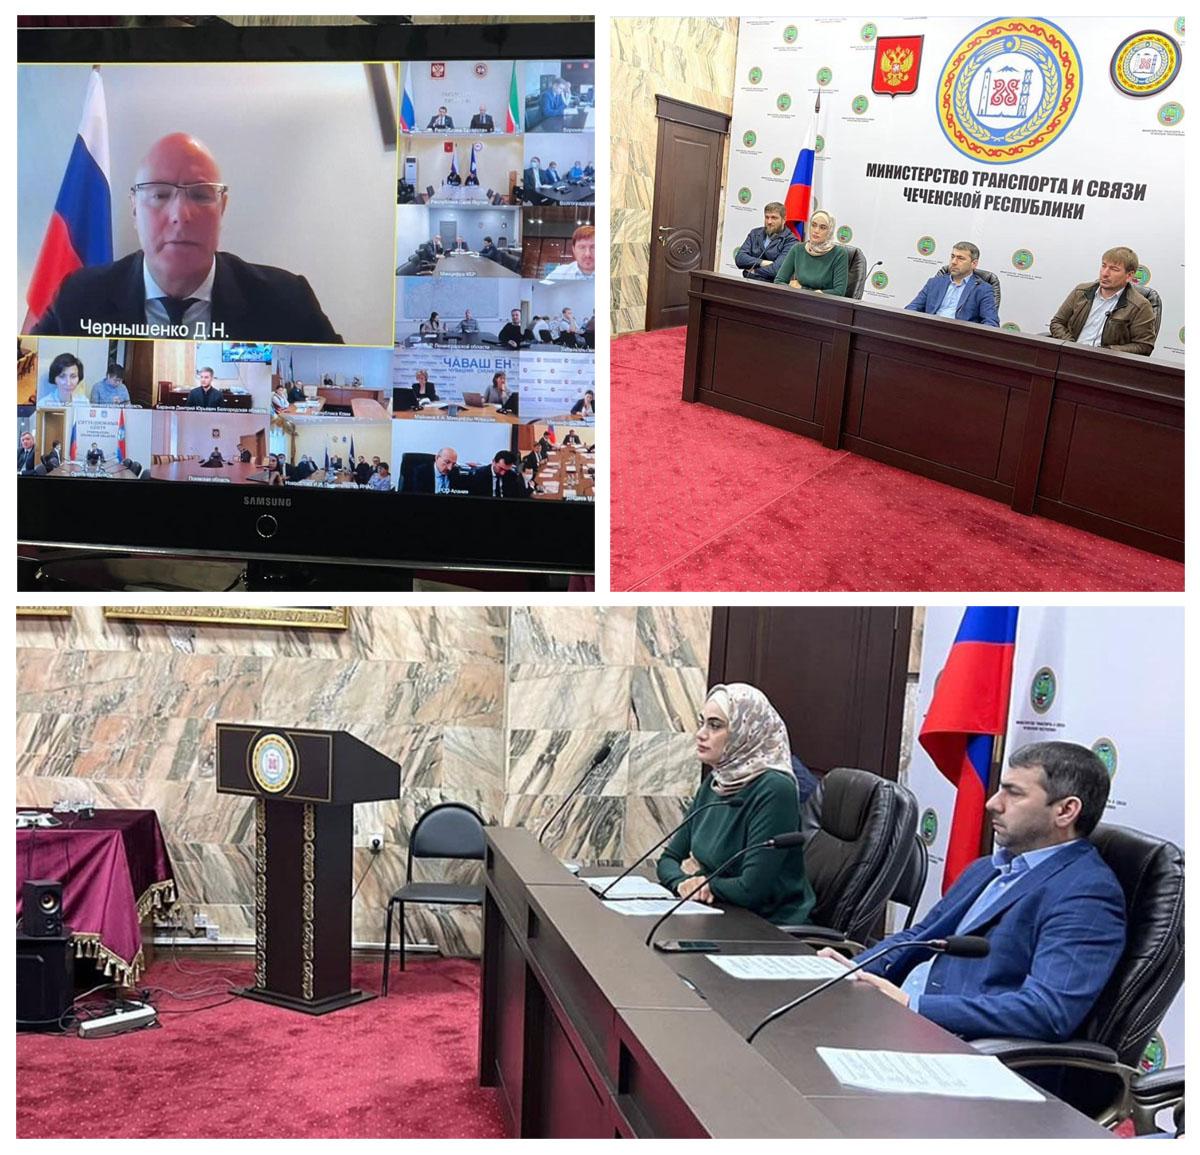 Дмитрий Чернышенко провёл совещание с заместителями руководителей цифровой трансформации